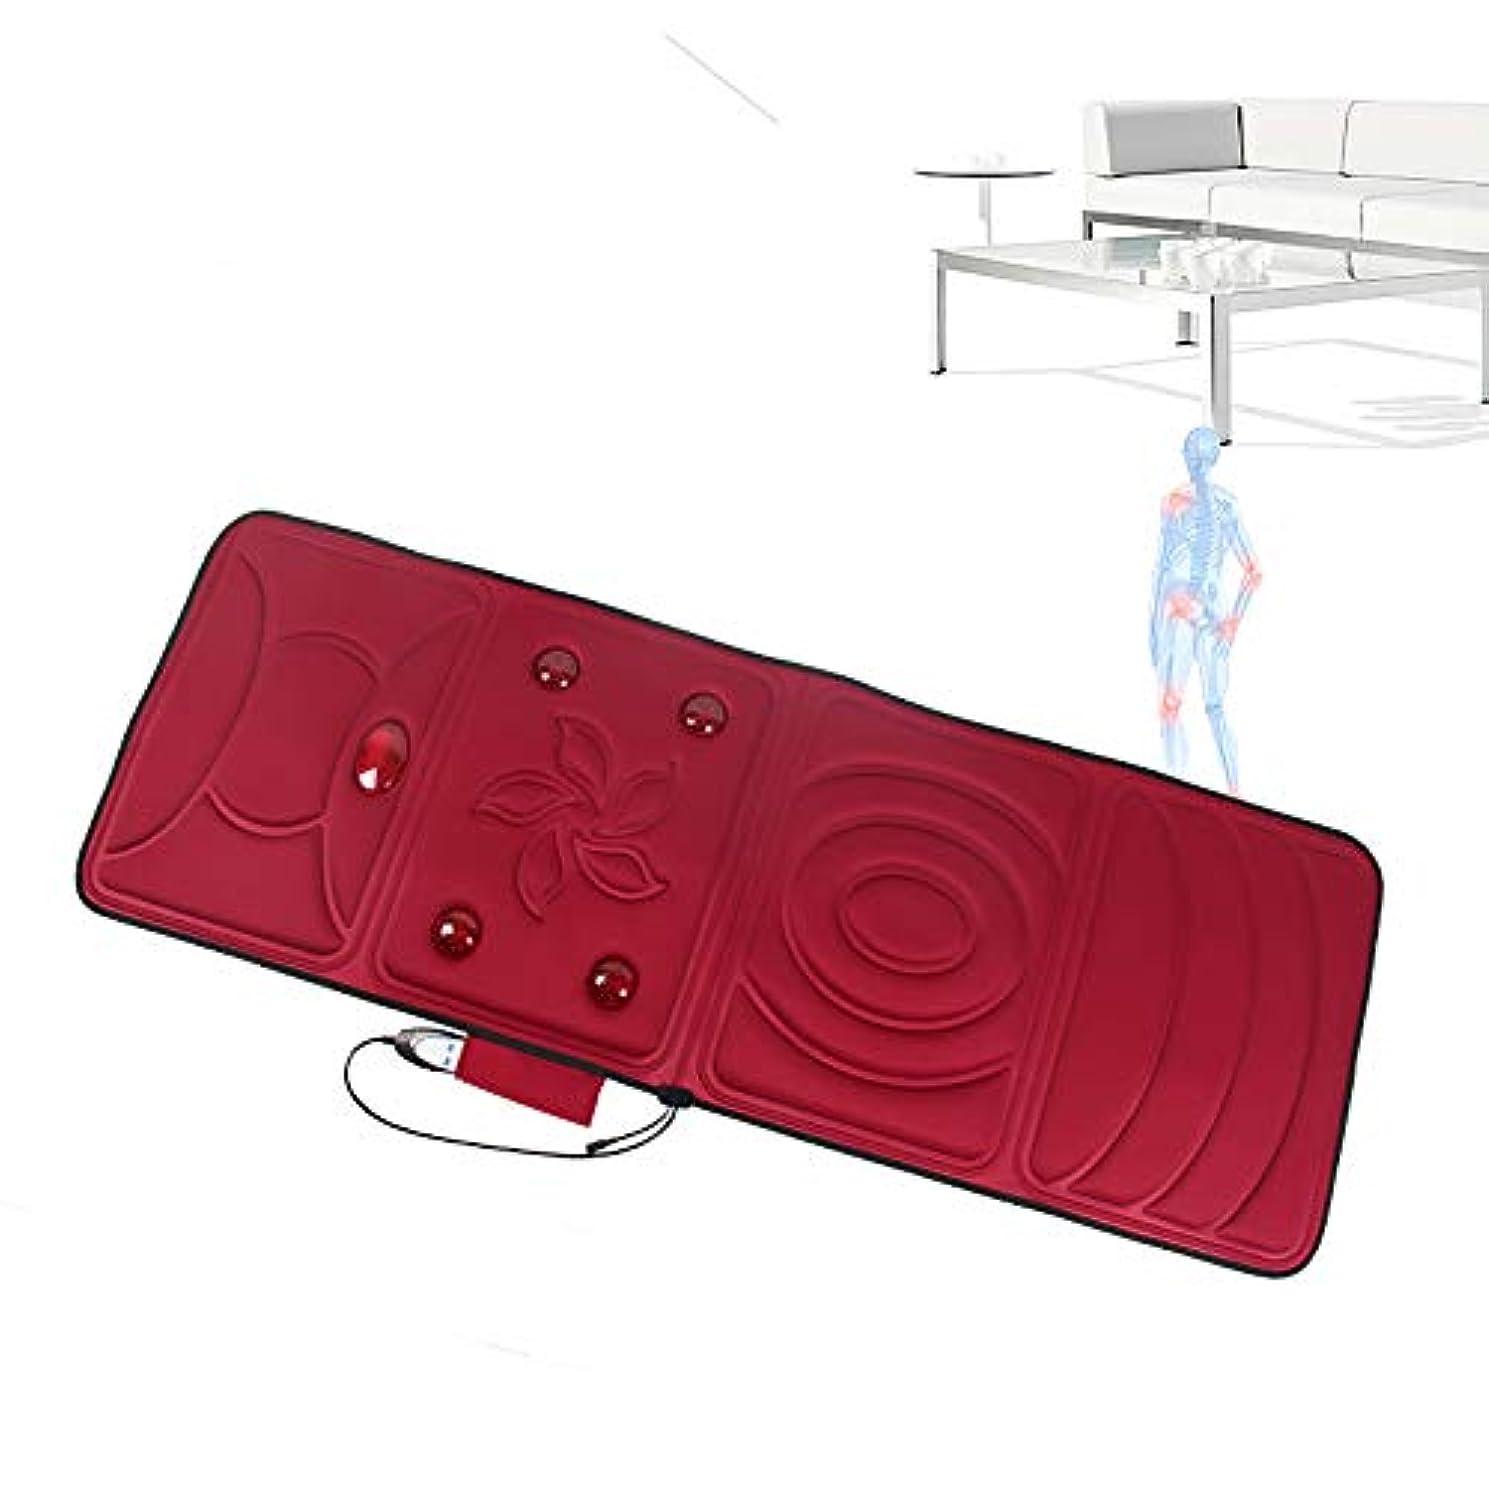 彼自身架空の親愛な全身加熱マッサージマットレスマットレス暖房パッドフラットバック熱療法マッサージフロアチェアまたはベッドシンプルRemoteElectricマッサージマットレスホームシンプル折りたたみ式デザイン,赤